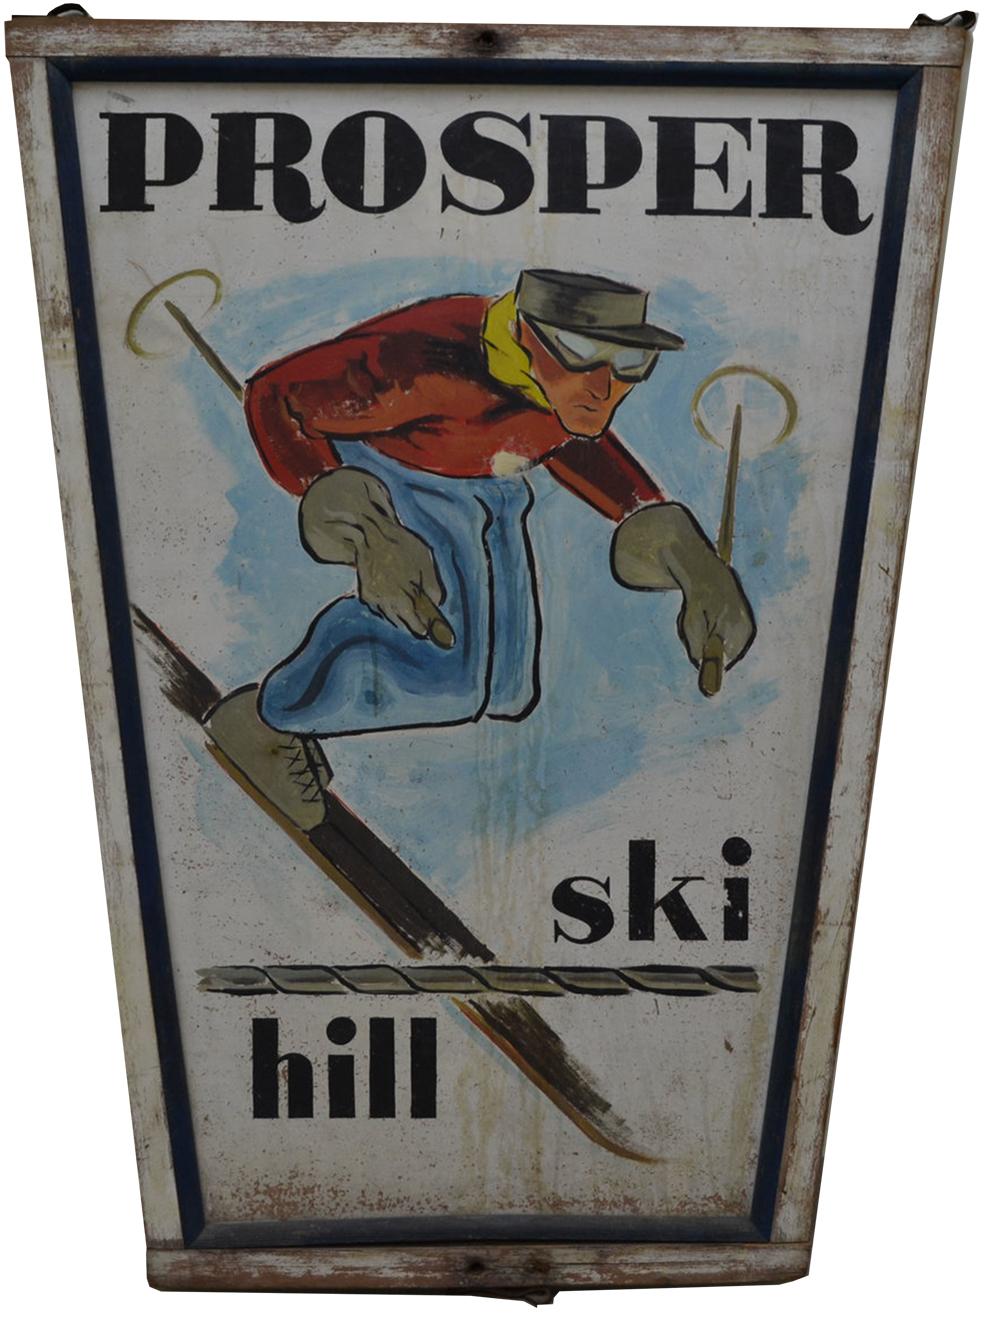 woodstock-vermont-prosper-ski-hill-rupert-lewis.jpg